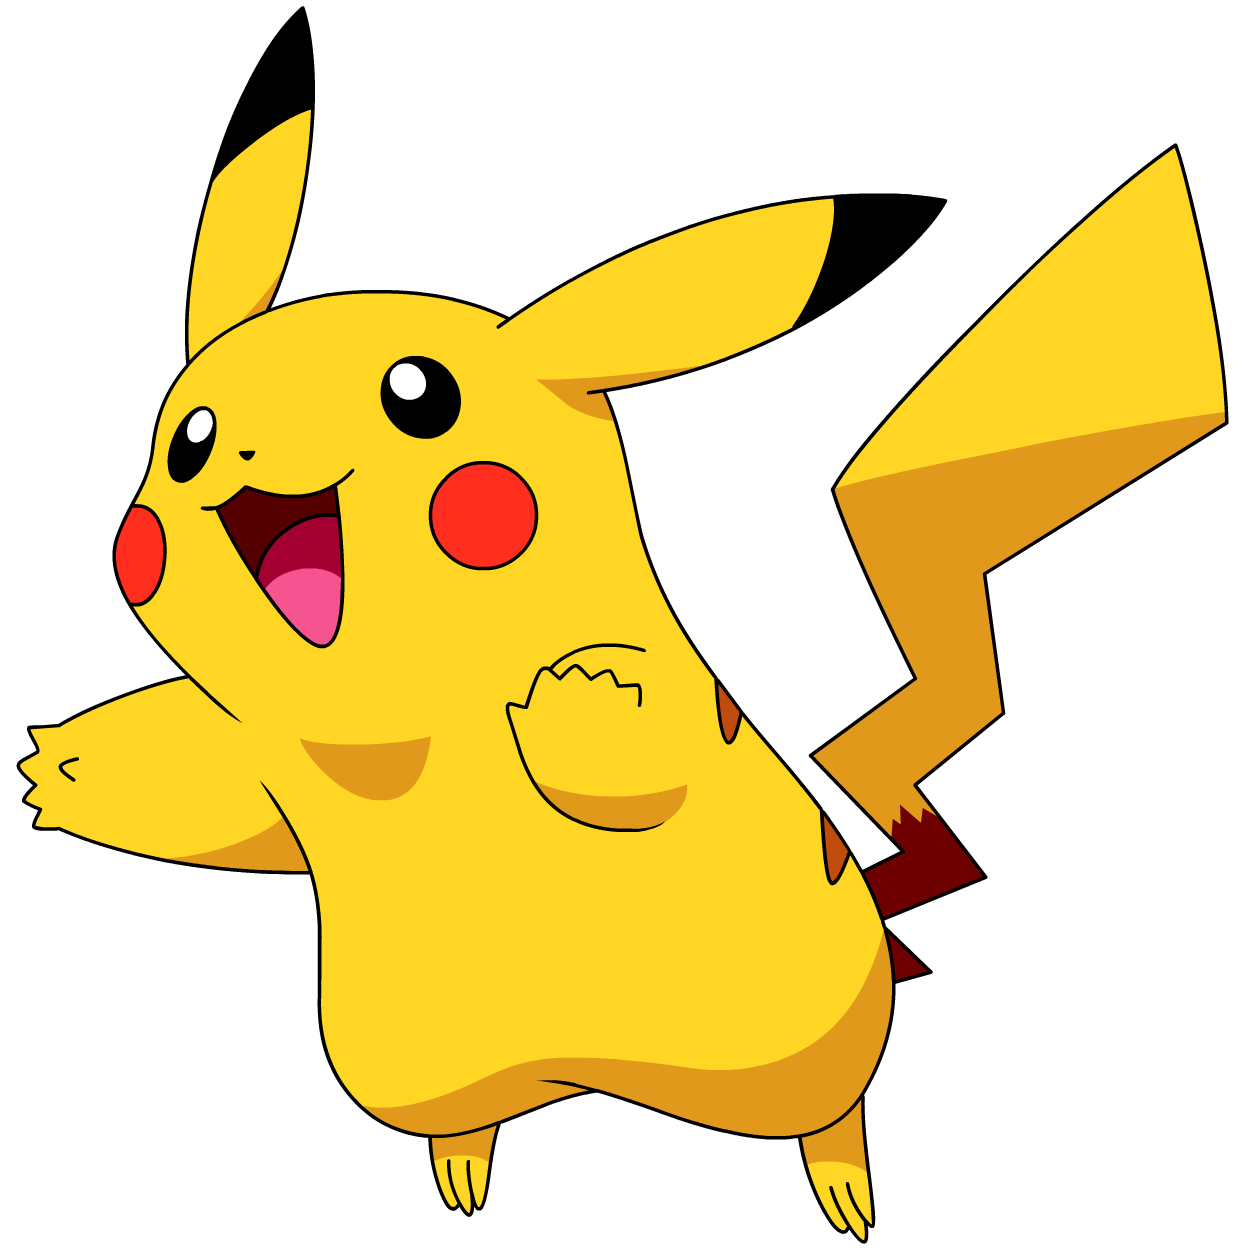 dessin en ligne pokemon pikachu